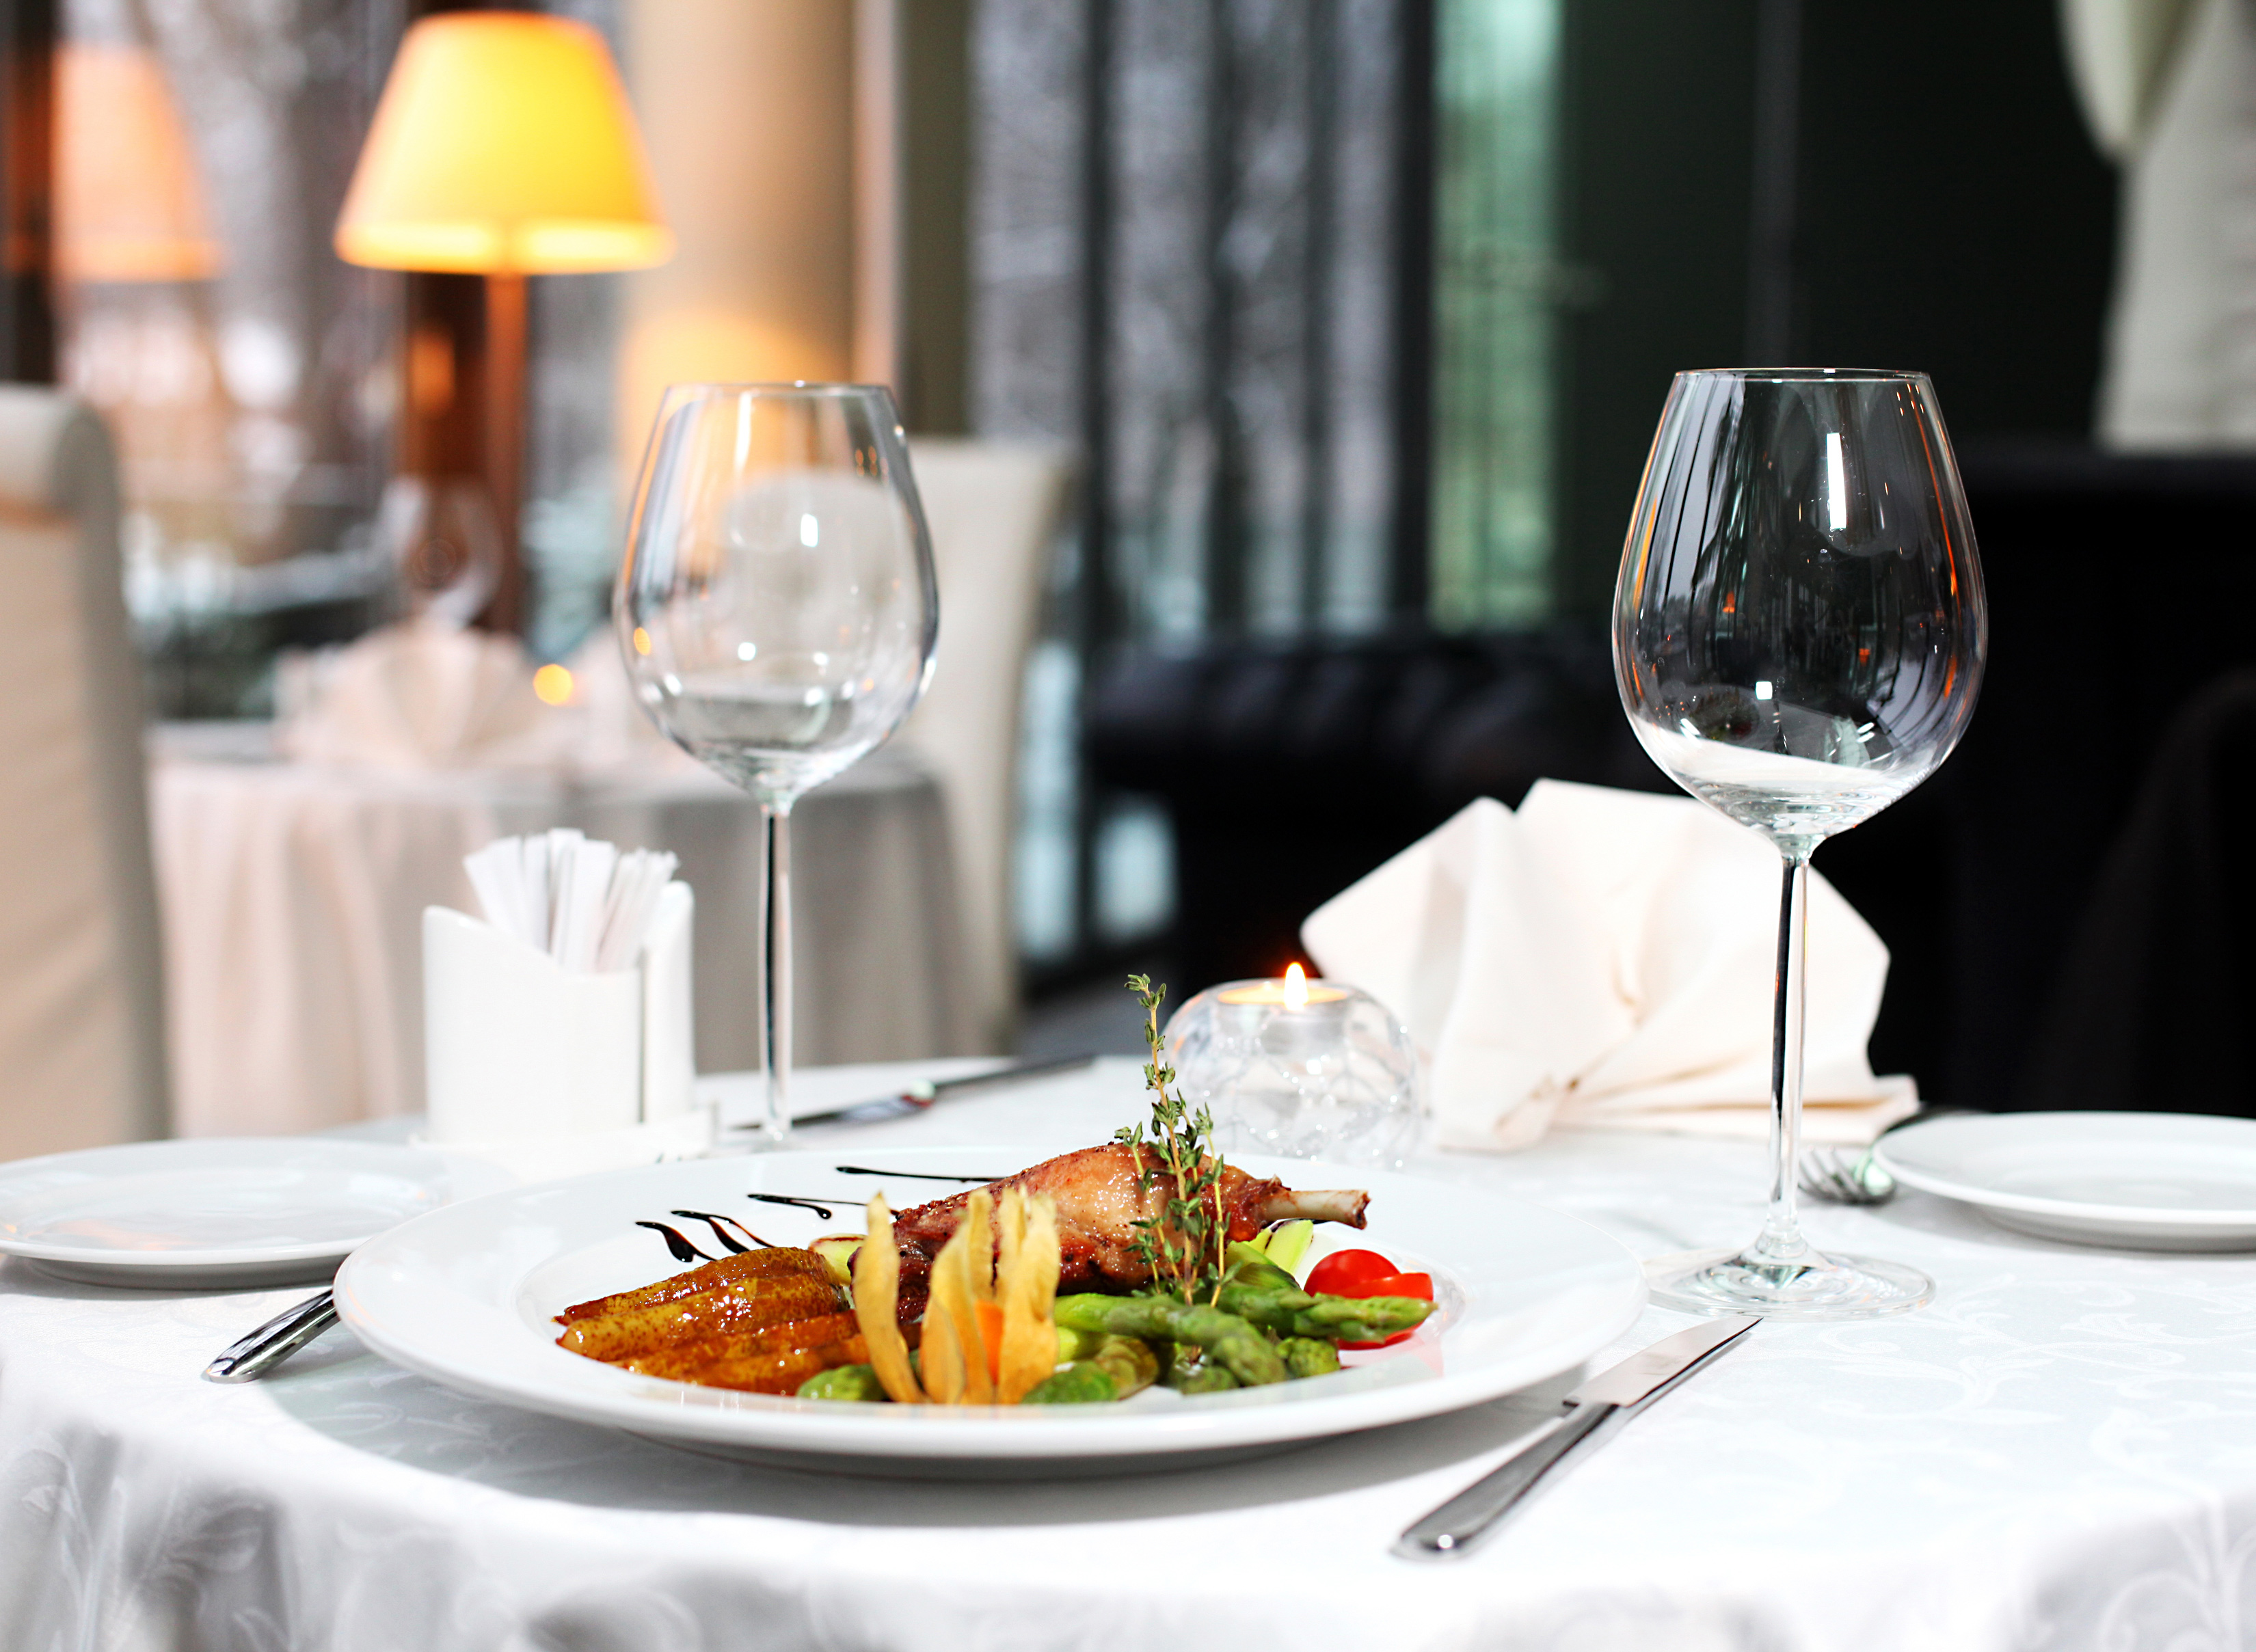 Gastronomie comment choisir un restaurant toil for Cuisine gastronomique